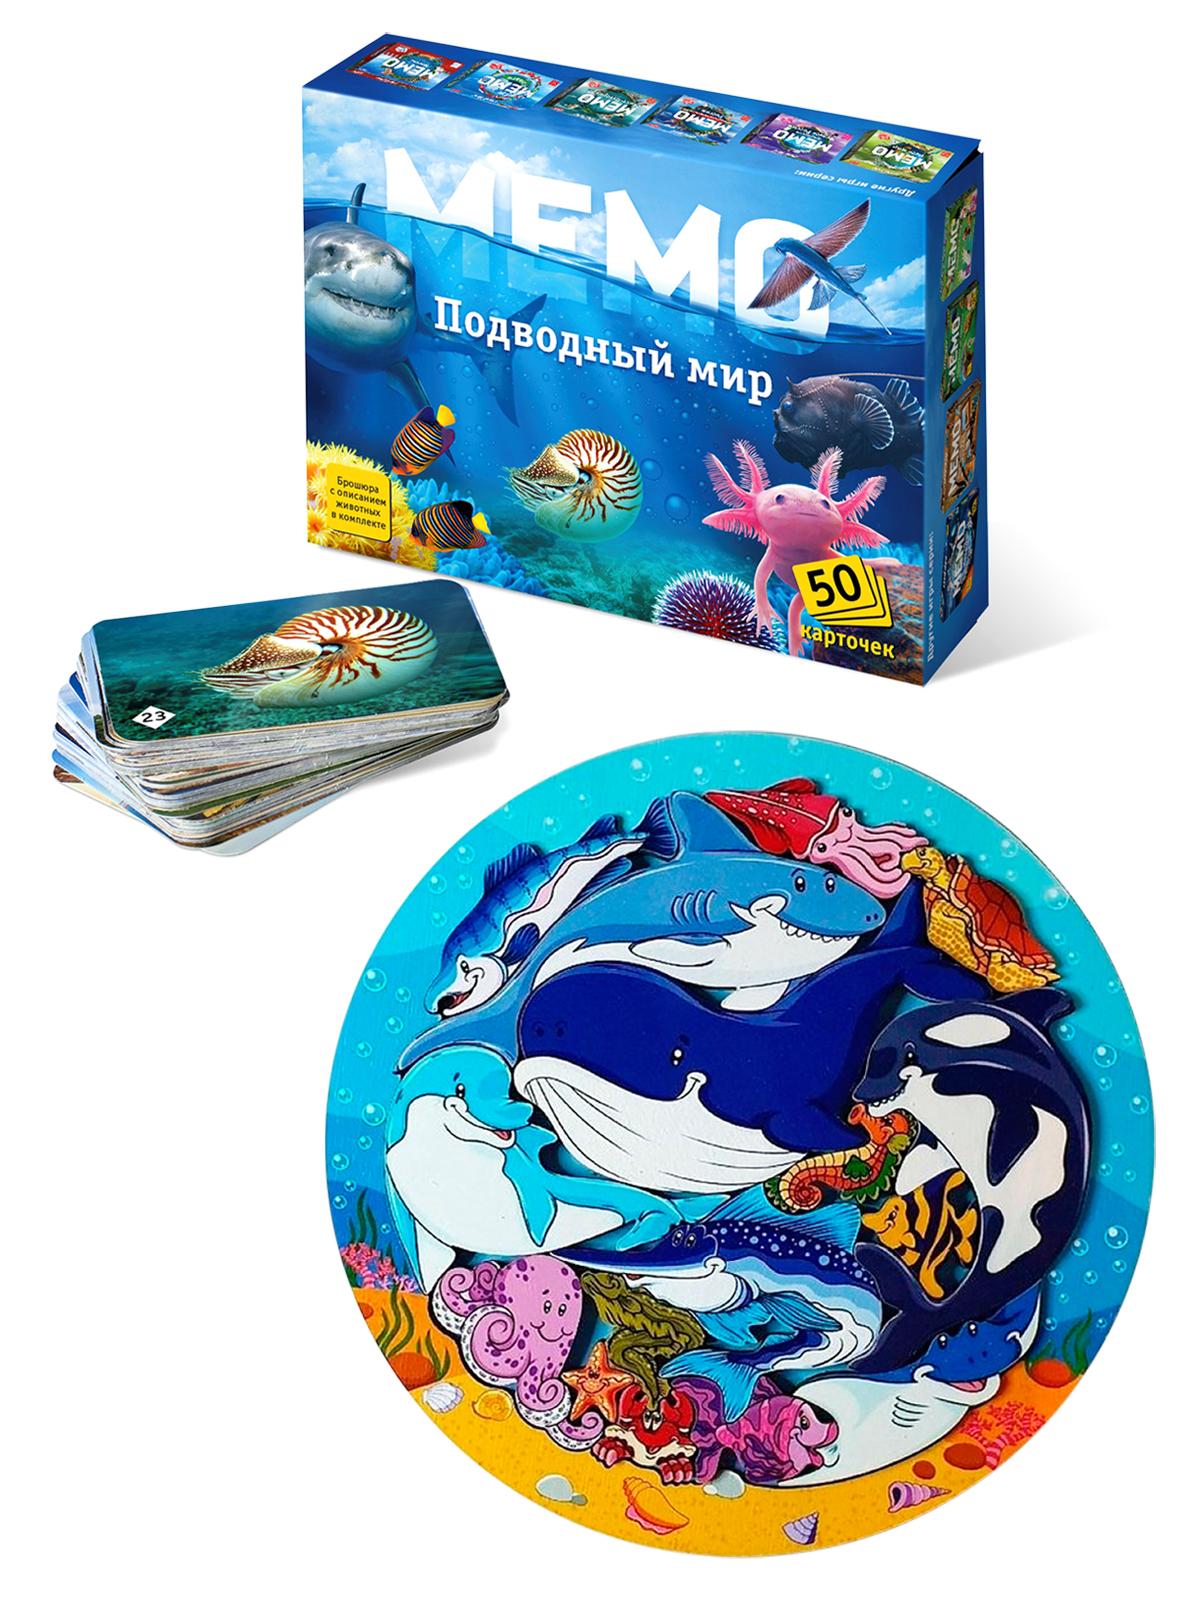 Купить Настольная игра Нескучные Игры 2в1 Мемо Подводный мир Зоопазл Подводный мир,